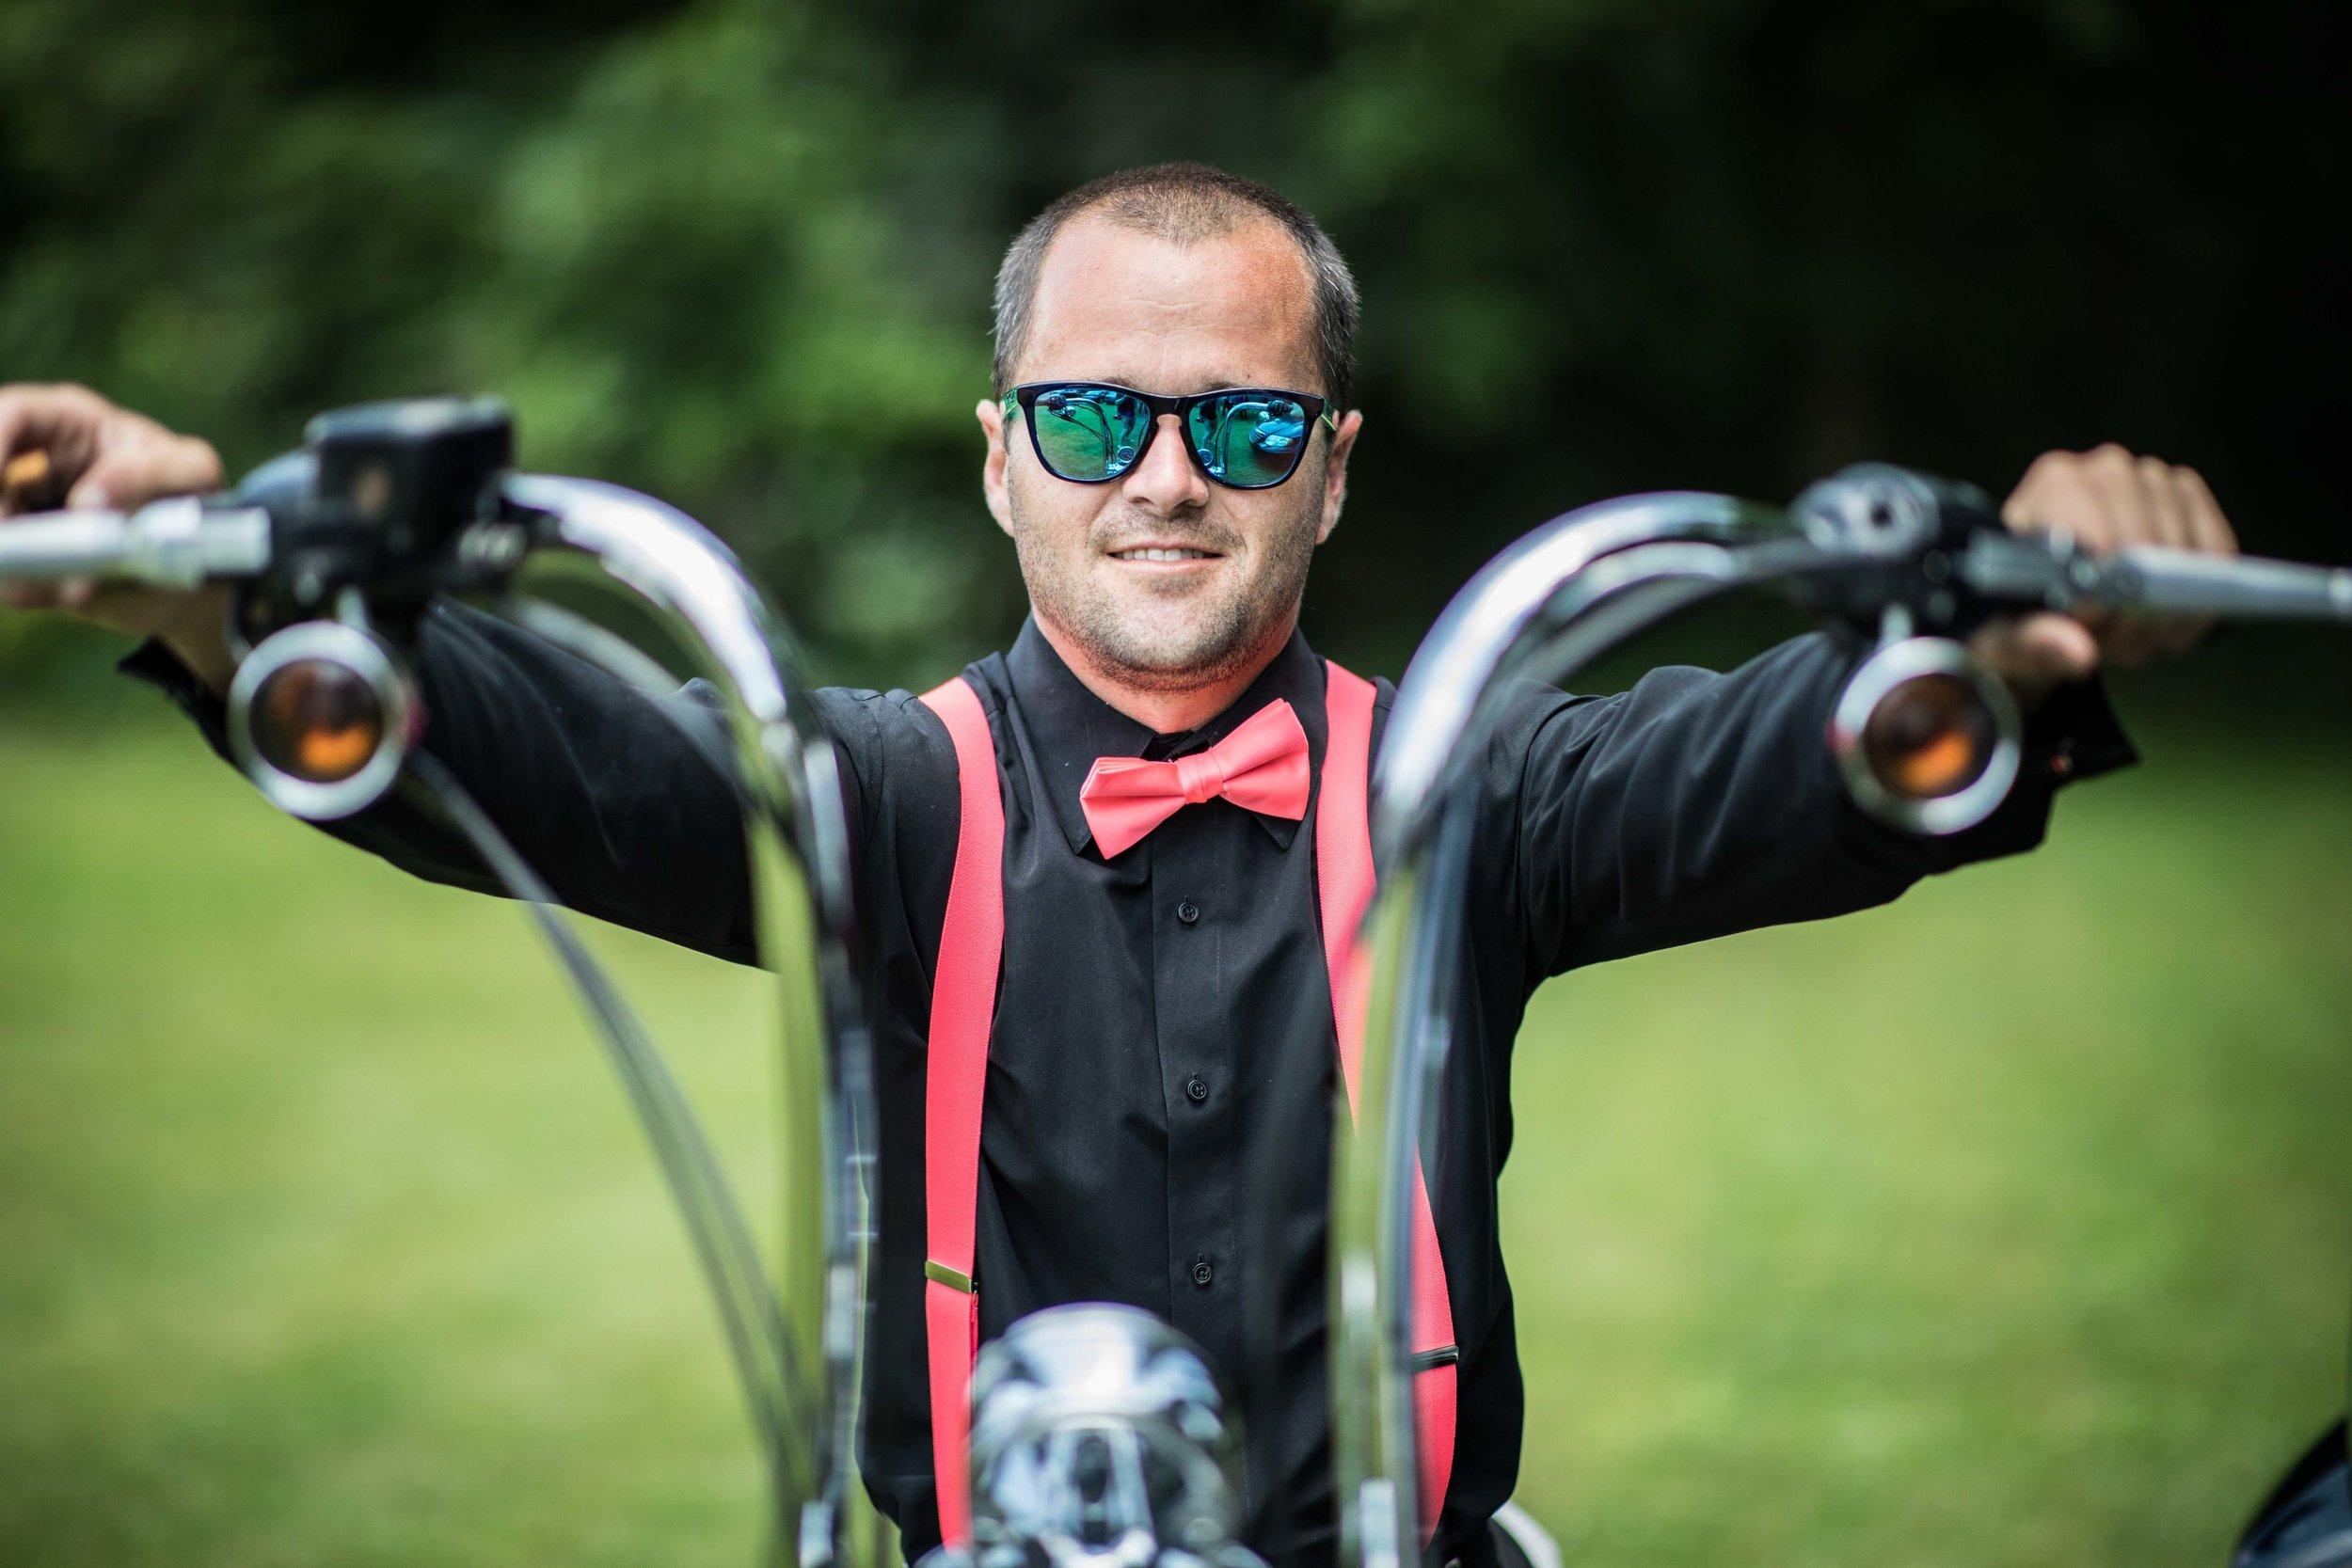 Groomsmen in pink suspenders on motorcycle.jpg